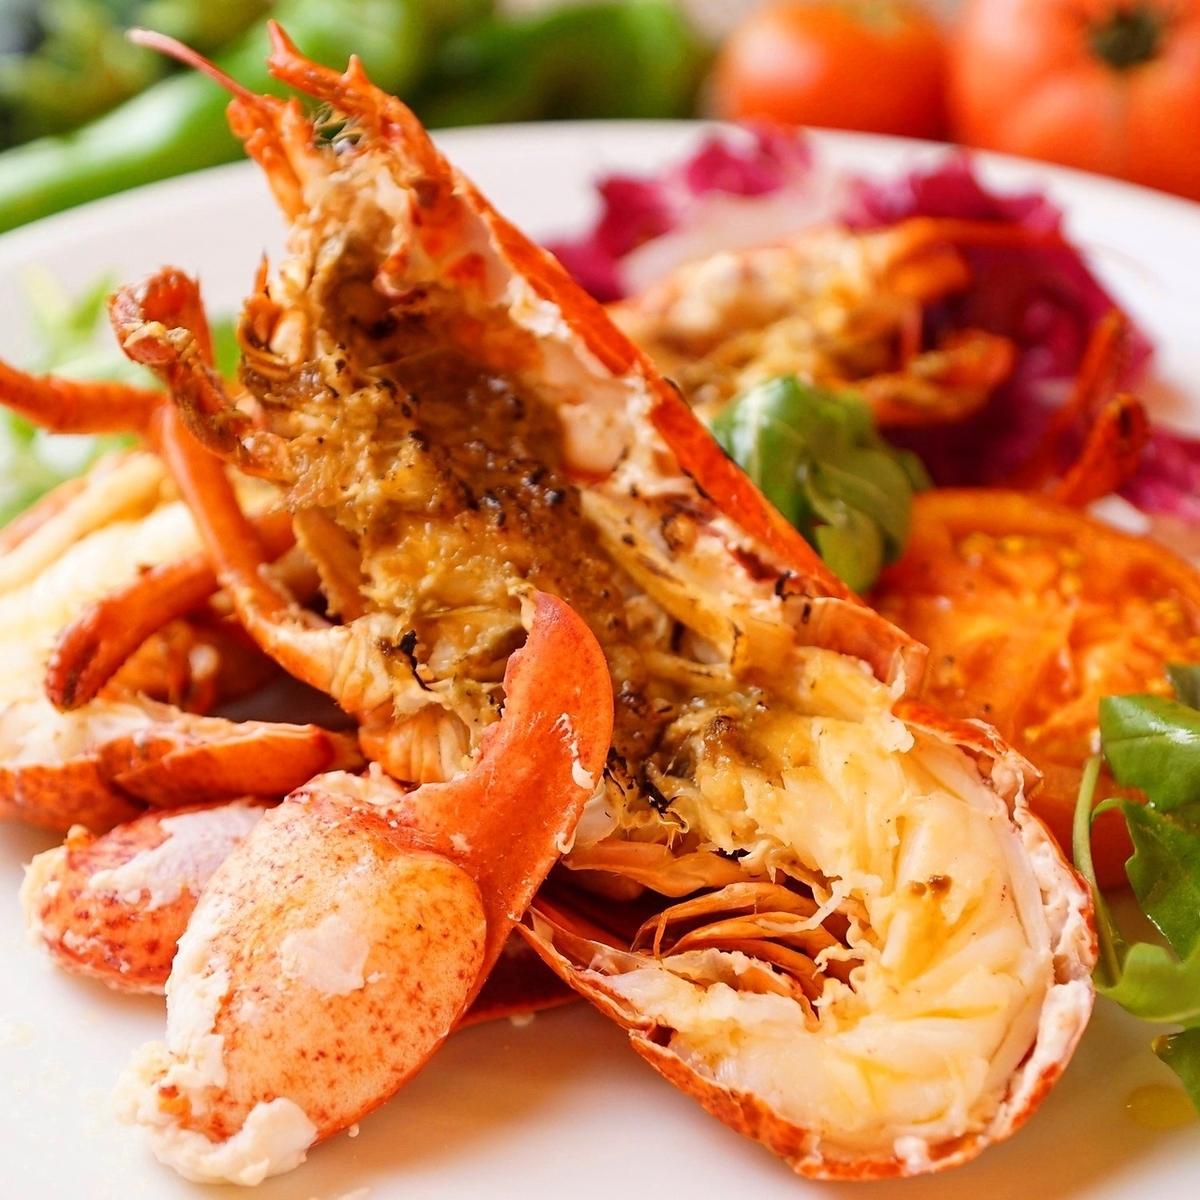 有限量的活龙虾蒸气与时令蔬菜和草本盐